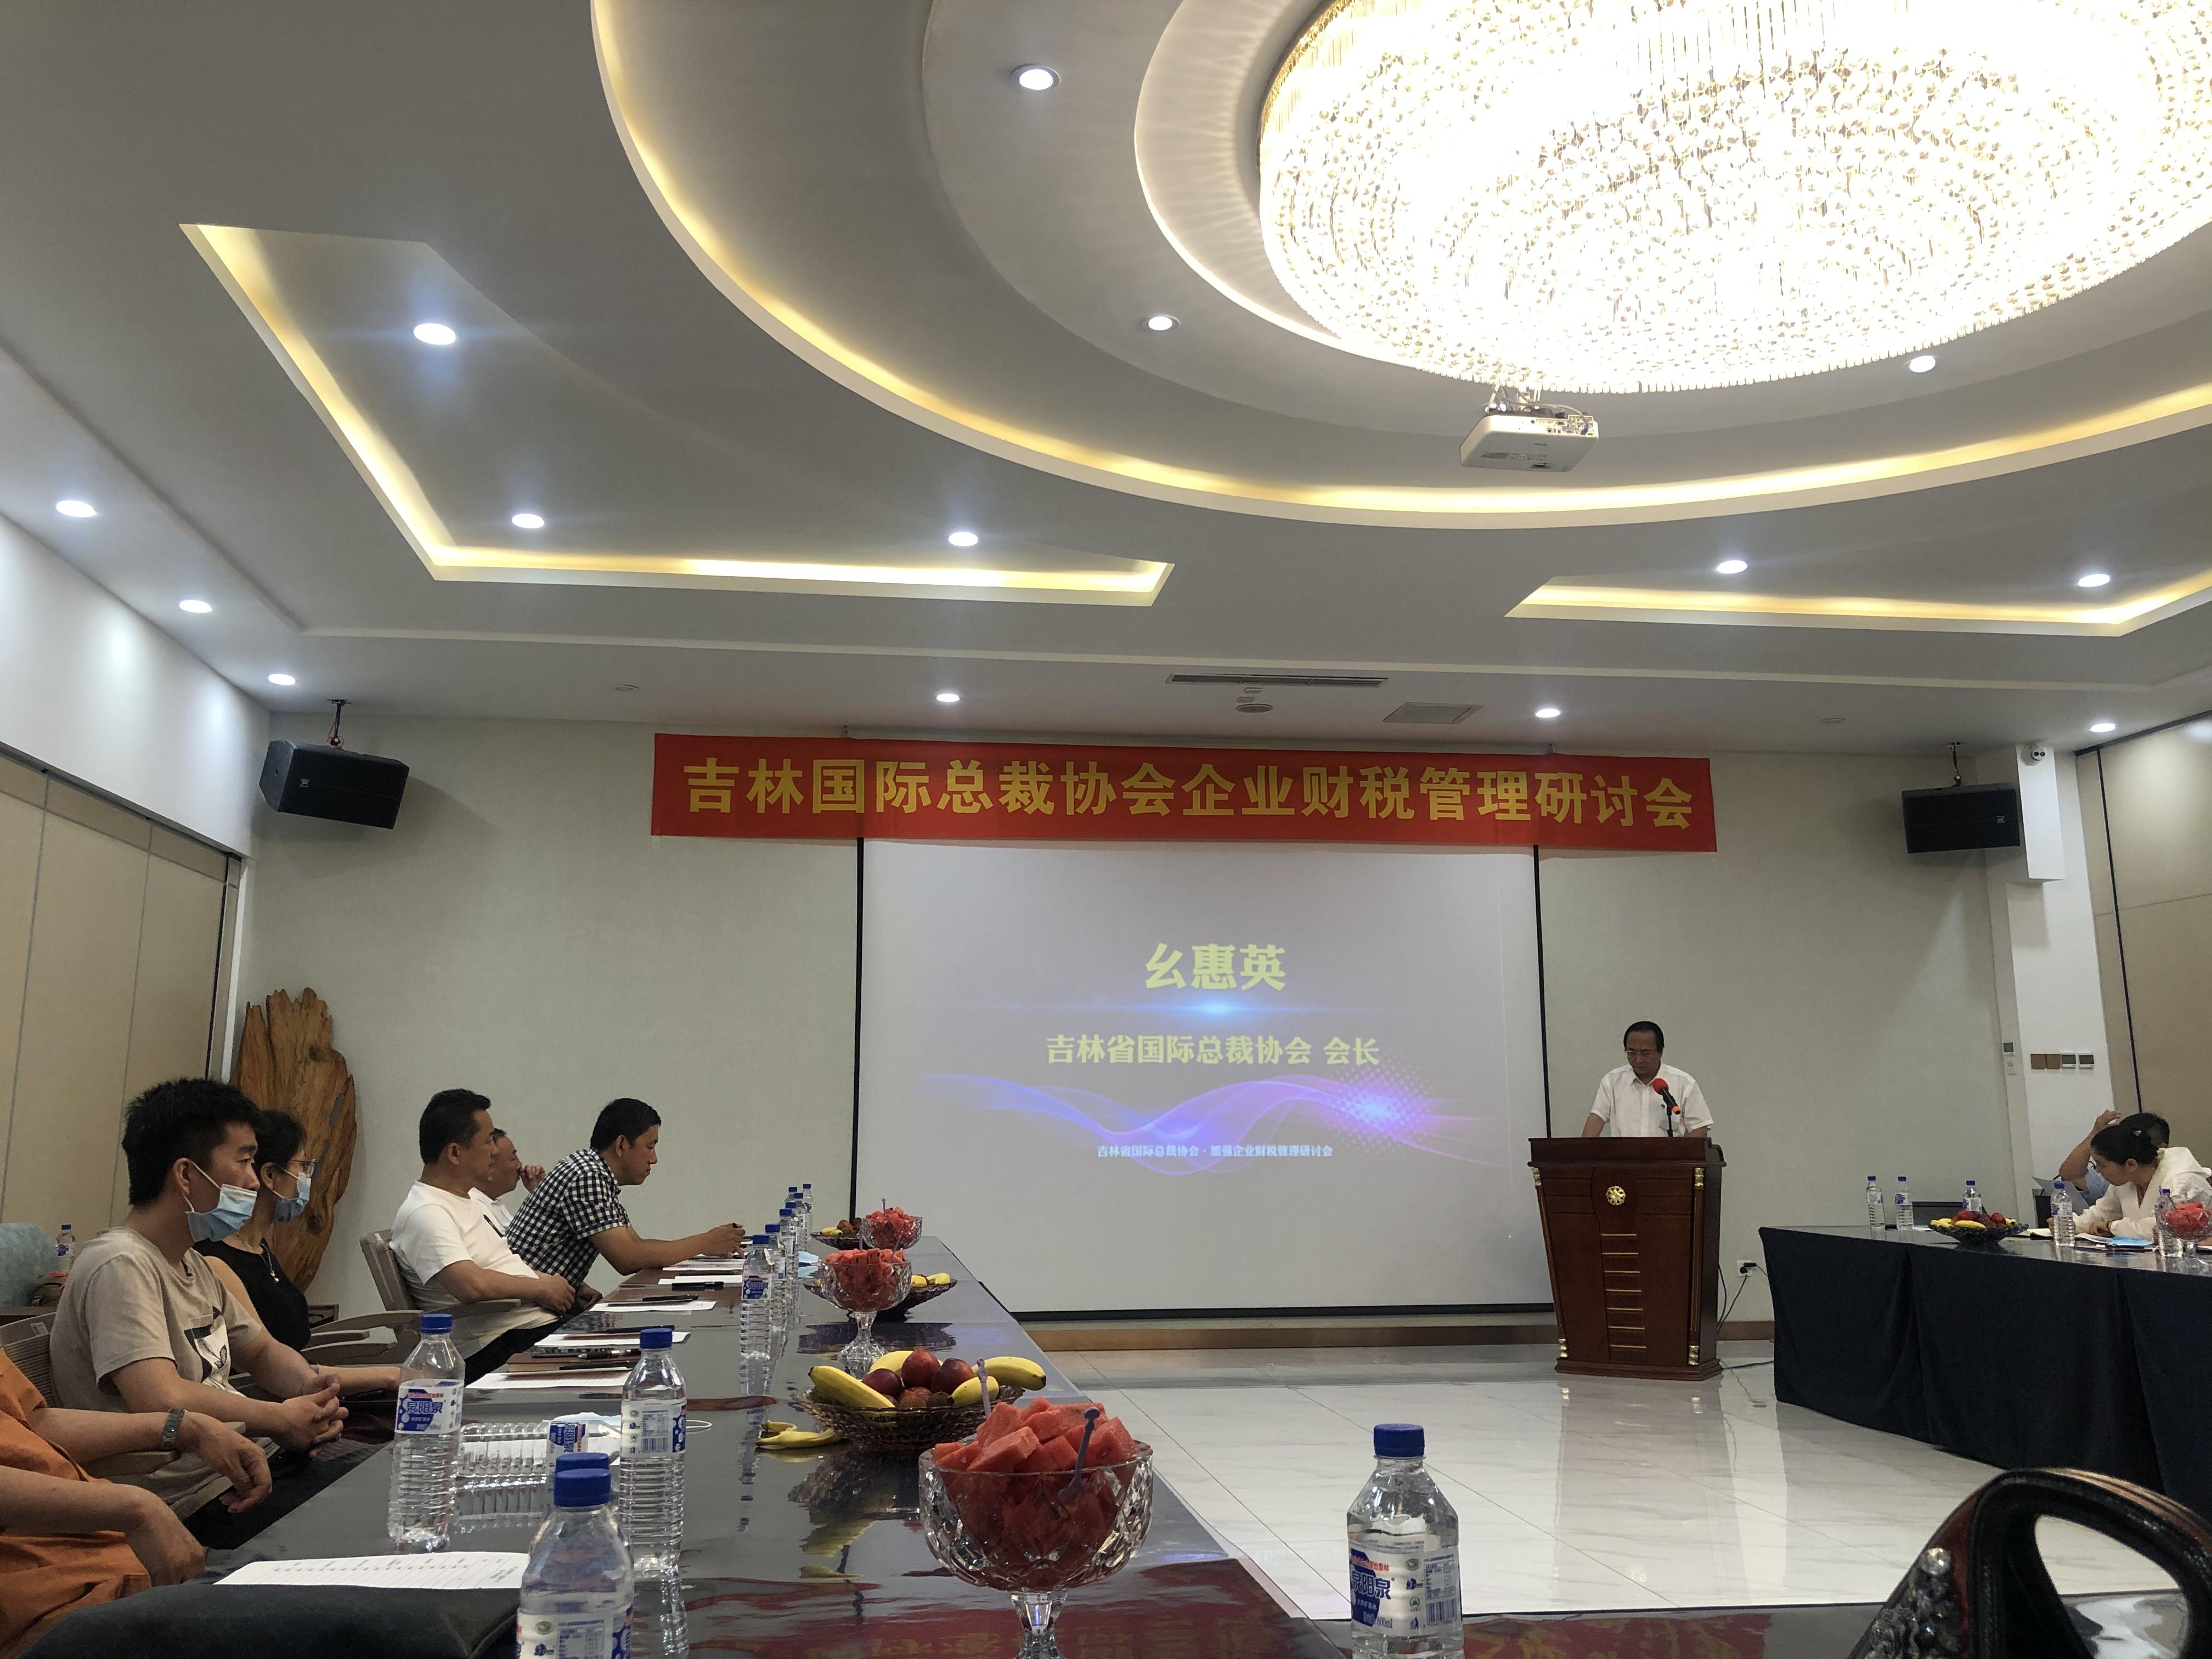 励精图治促发展   化危为机谱新篇 ——吉林国际总裁协会在新形势下稳健发展纪实